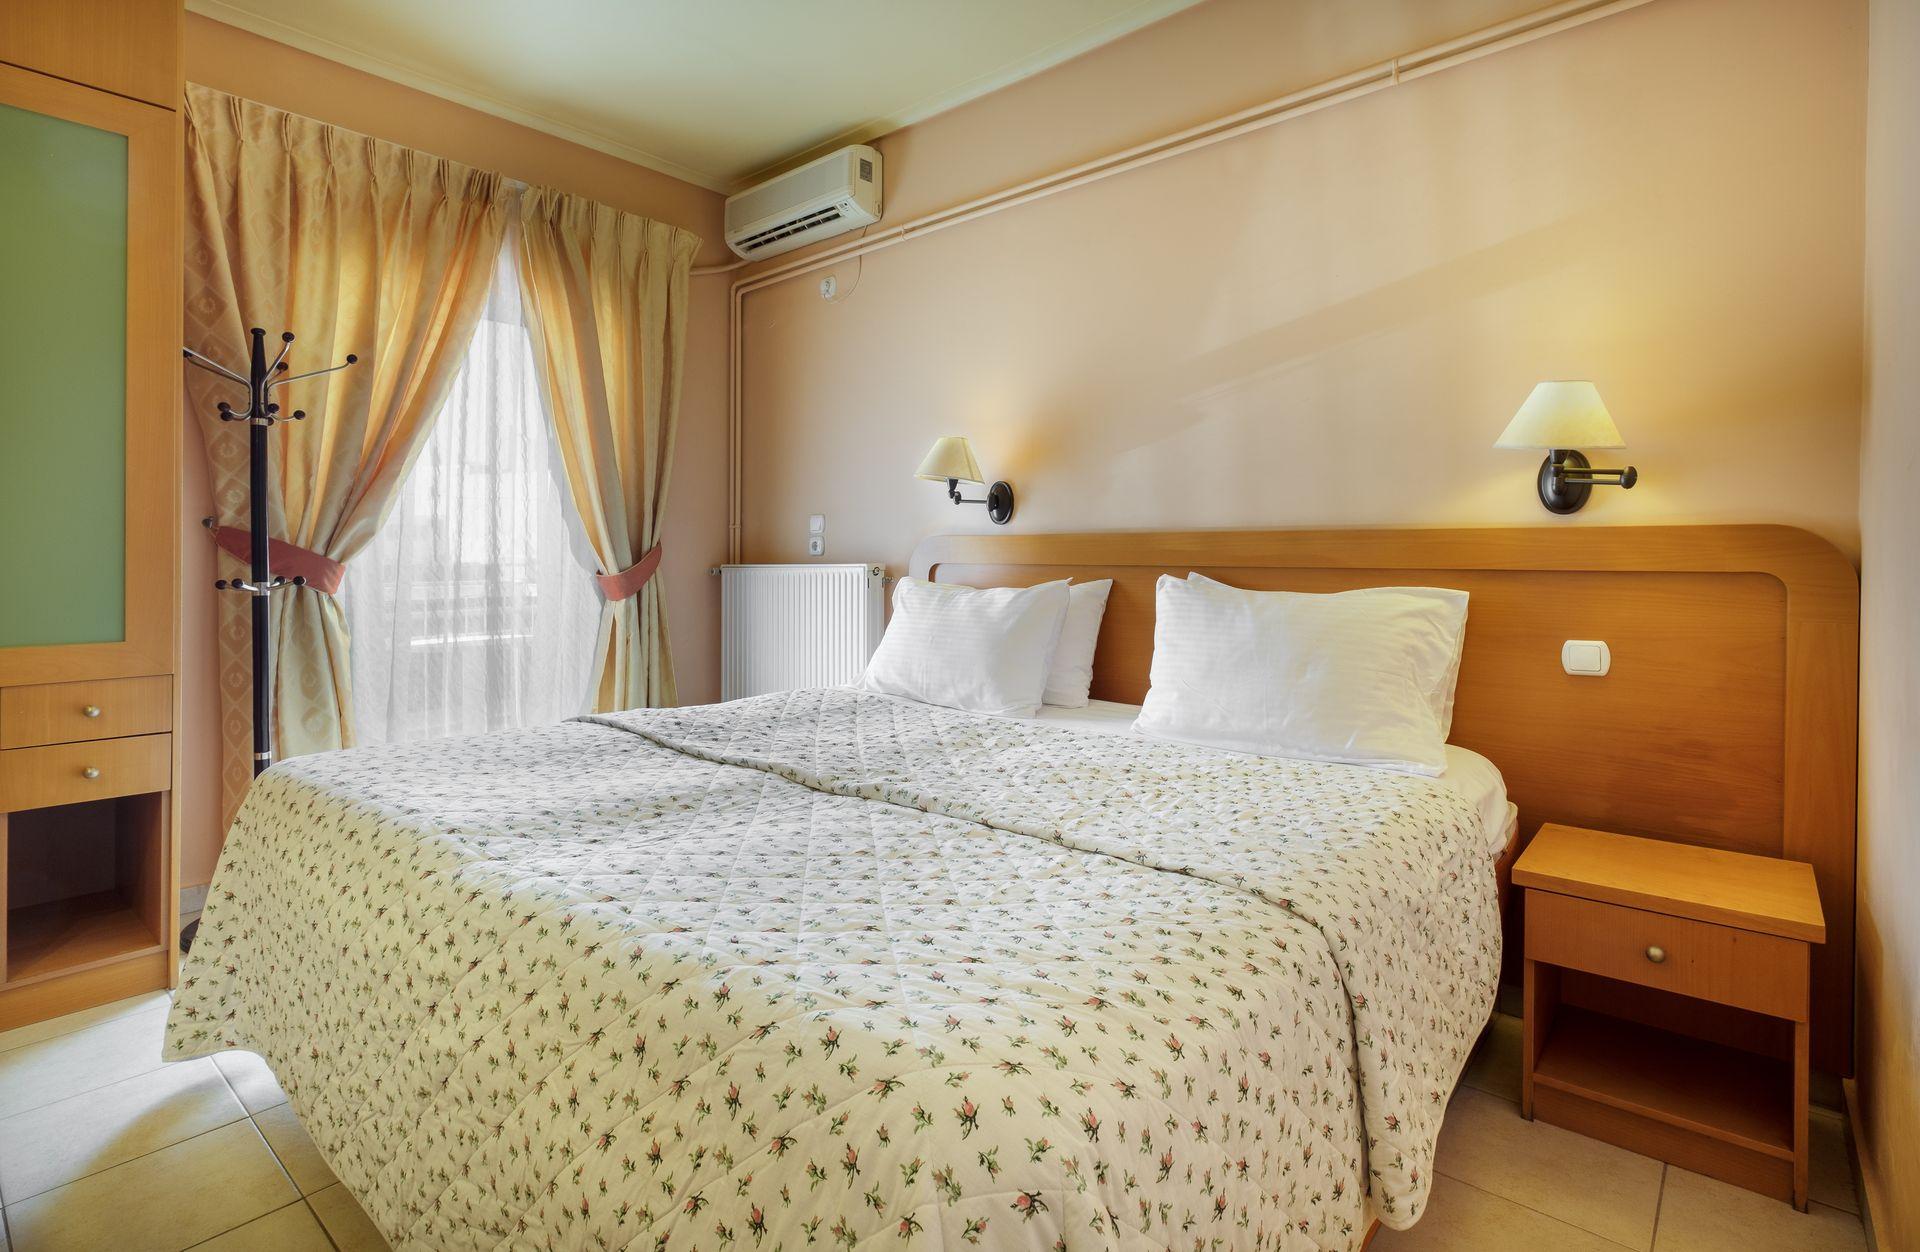 _42v_ 0002_2020_42_hotel segas-edit_resized